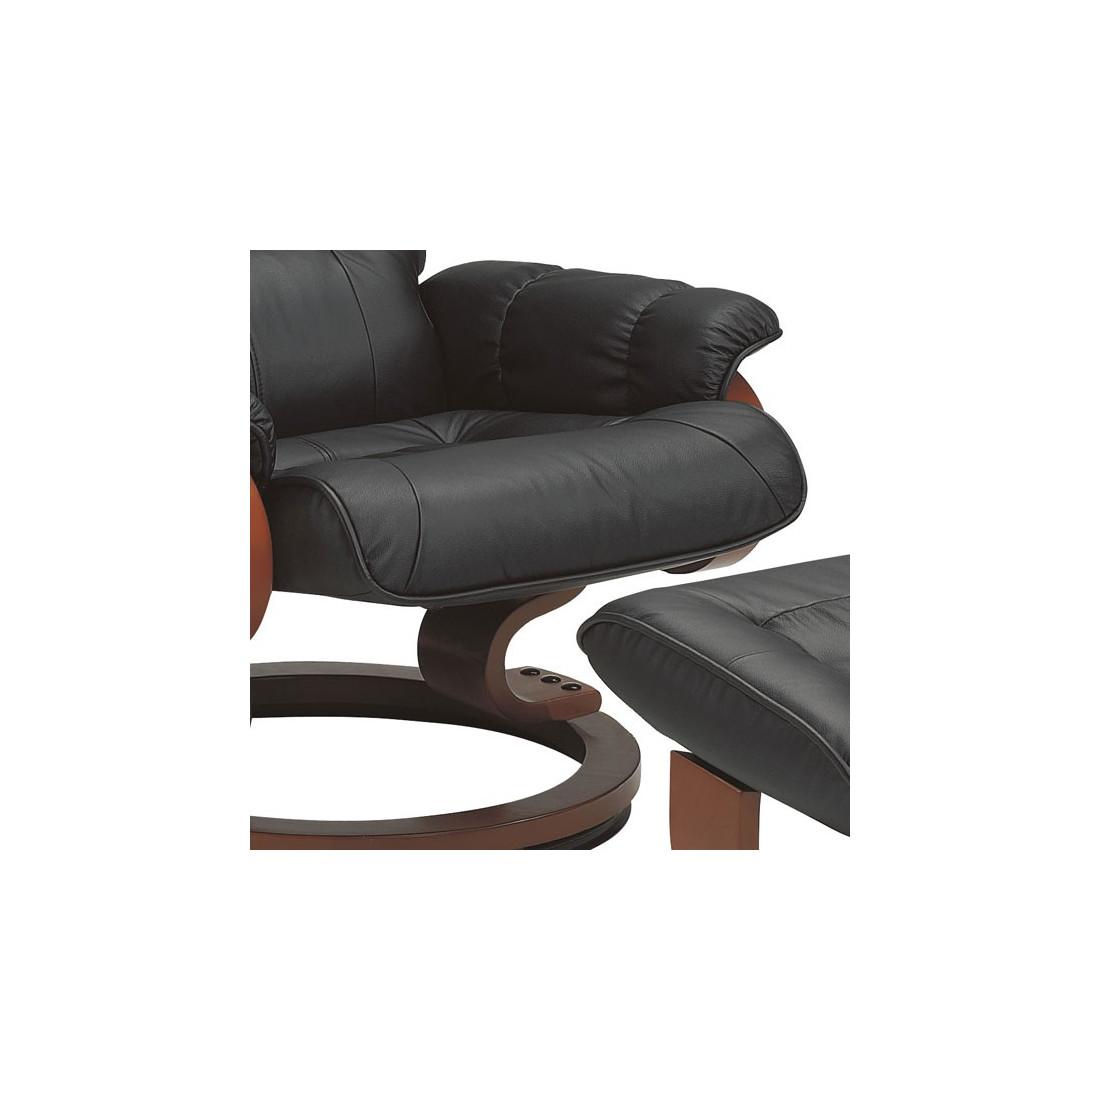 fauteuil de relaxation cuir noir univers du salon tousmesmeubles. Black Bedroom Furniture Sets. Home Design Ideas